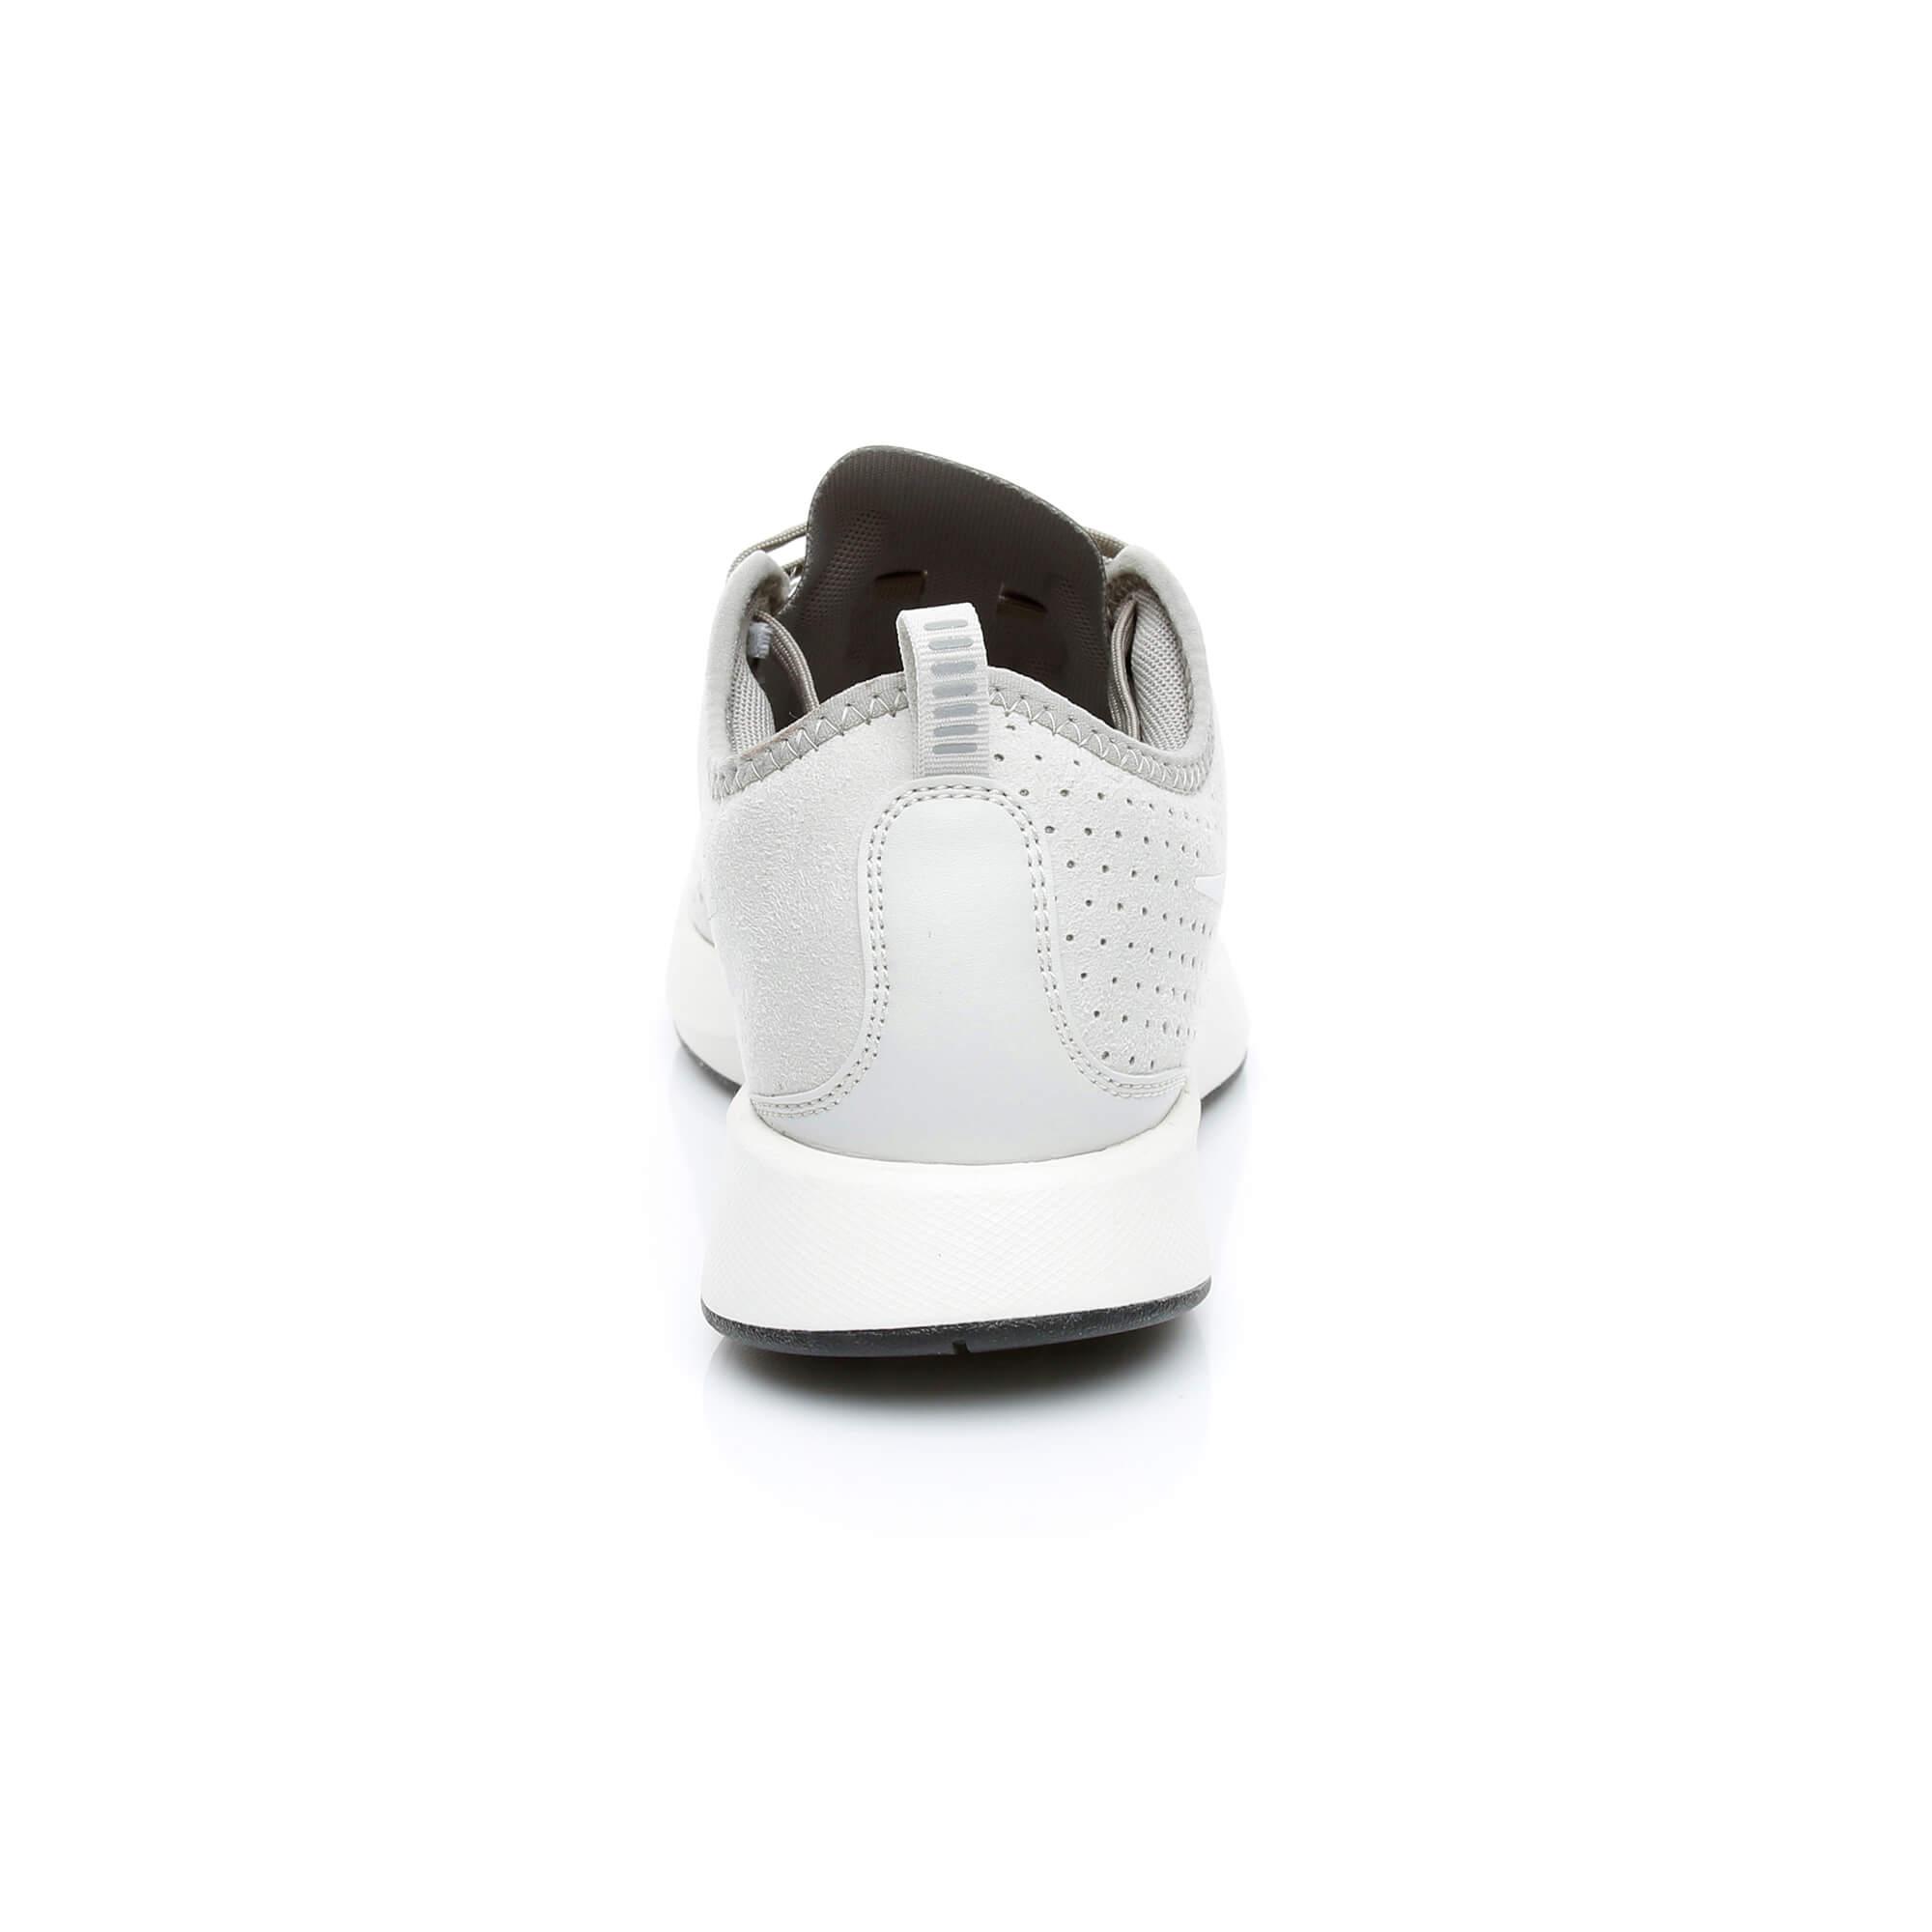 Nike Dualtone Racer Prm Beyaz Beyaz Spor Ayakkabı